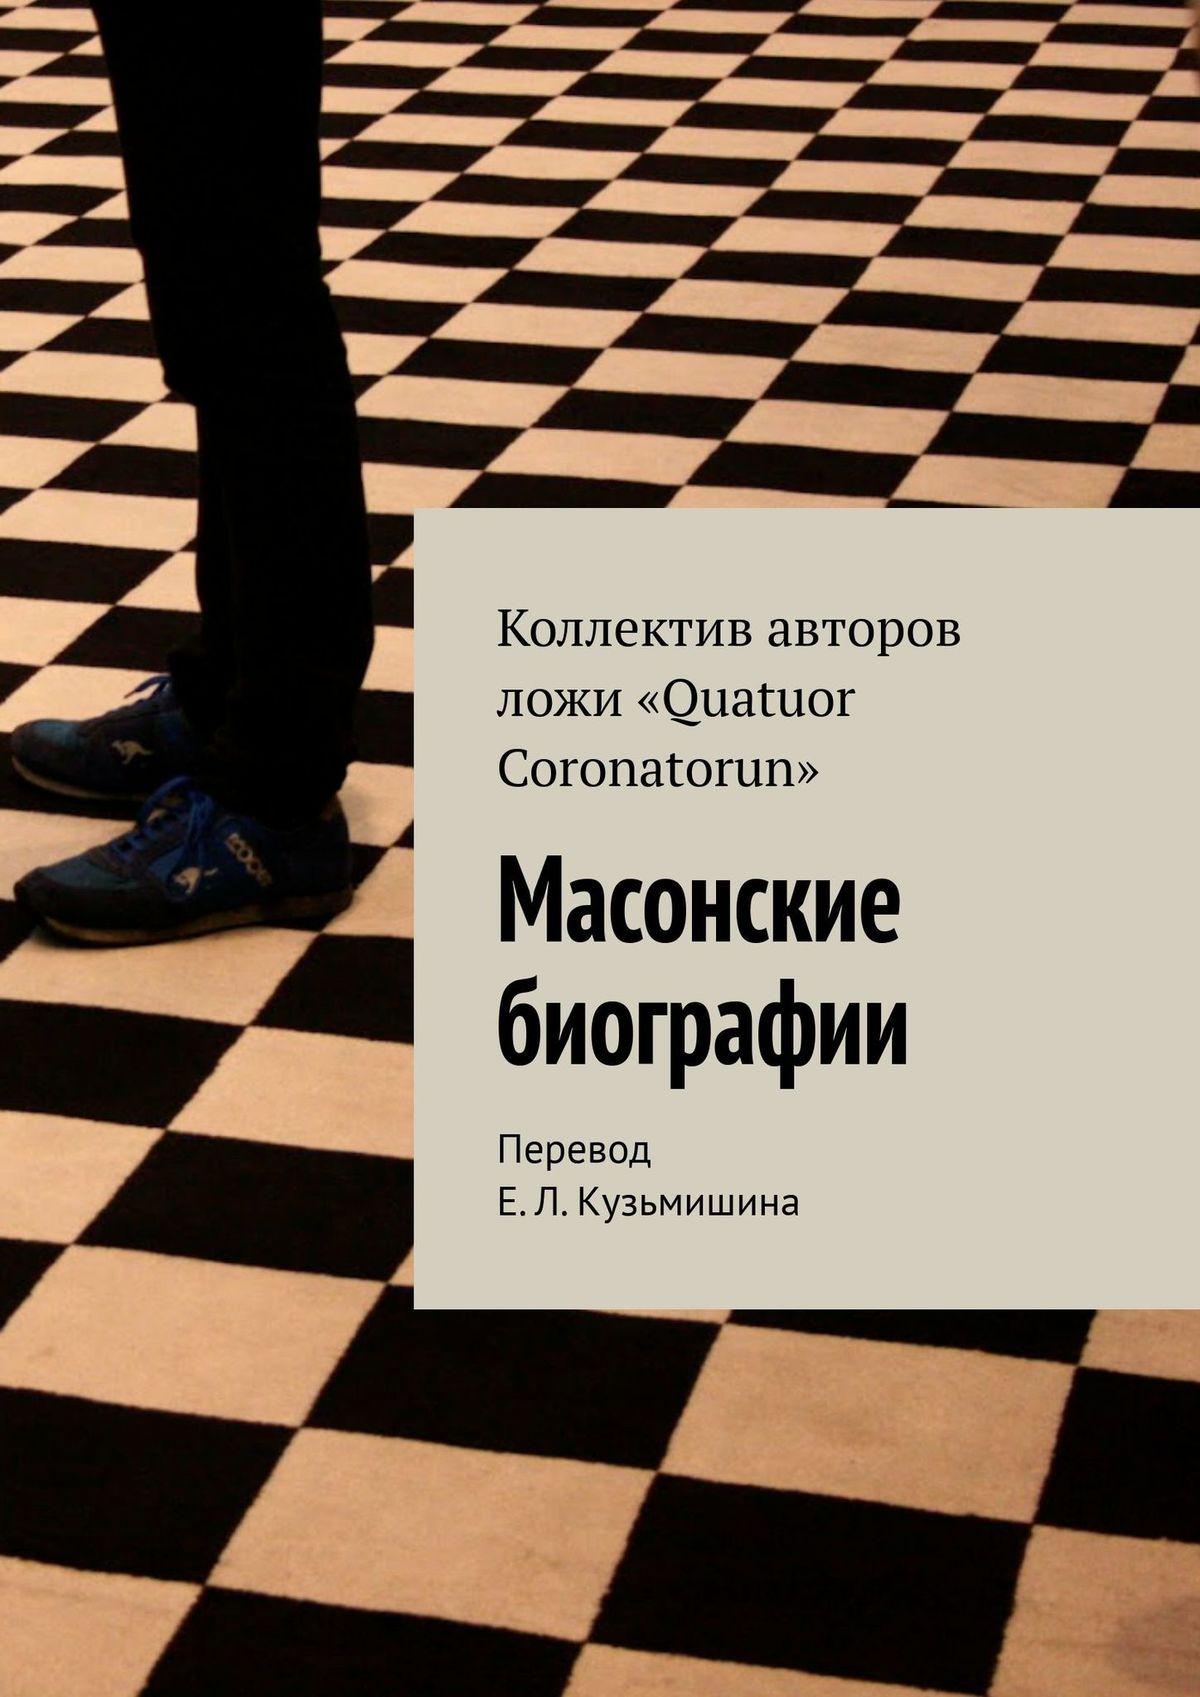 Коллектив авторов Масонские биографии